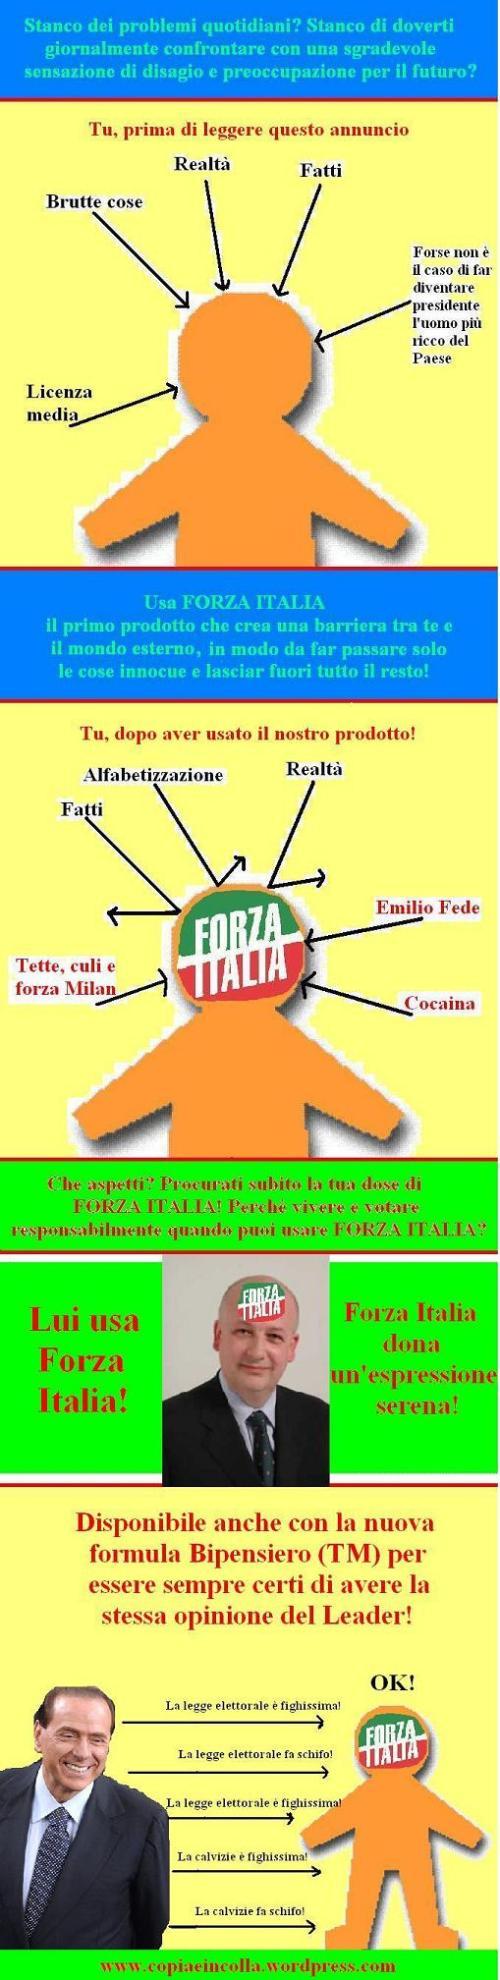 pubblicita-forza-italia.jpg